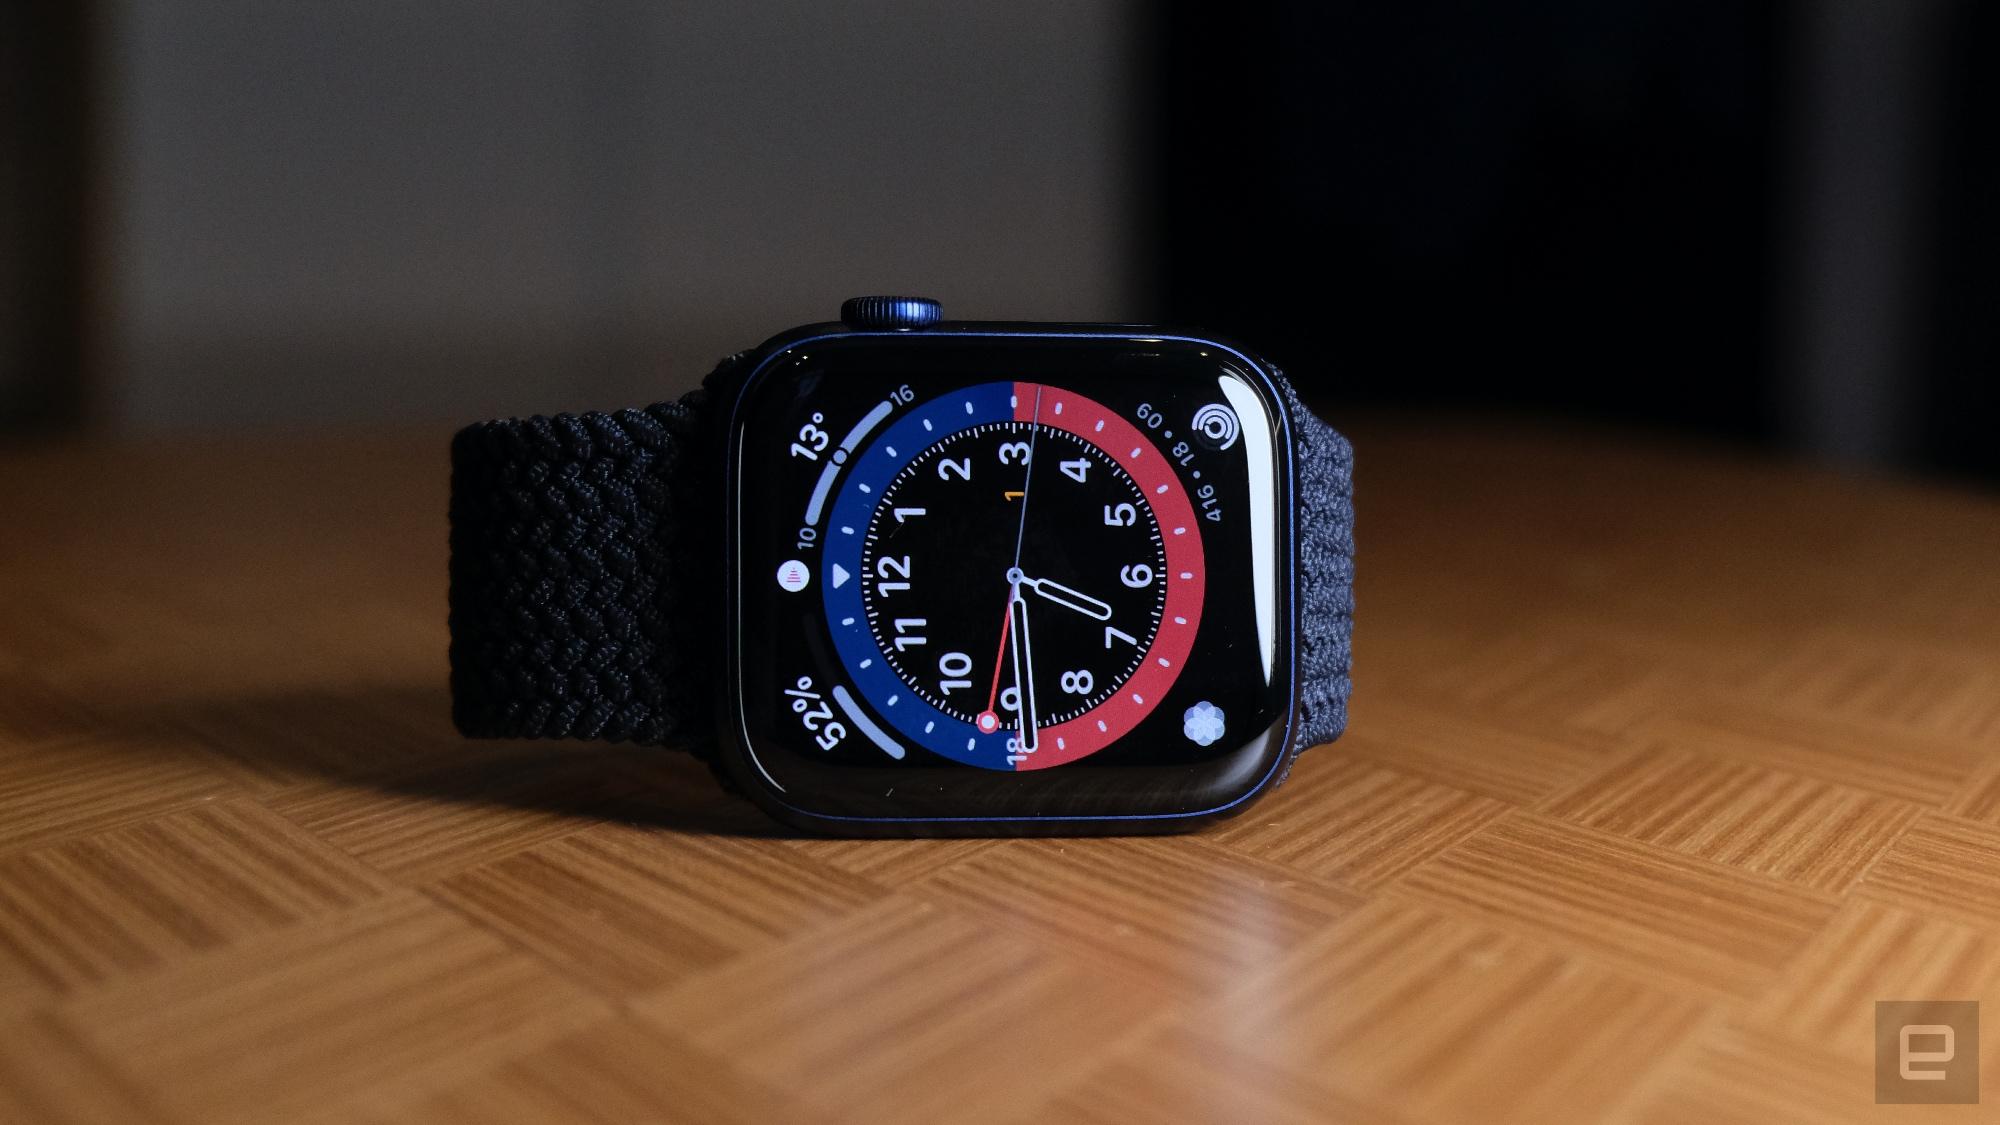 Akıllı saat talebi bu baharda yüzde 47 arttı | Engadget